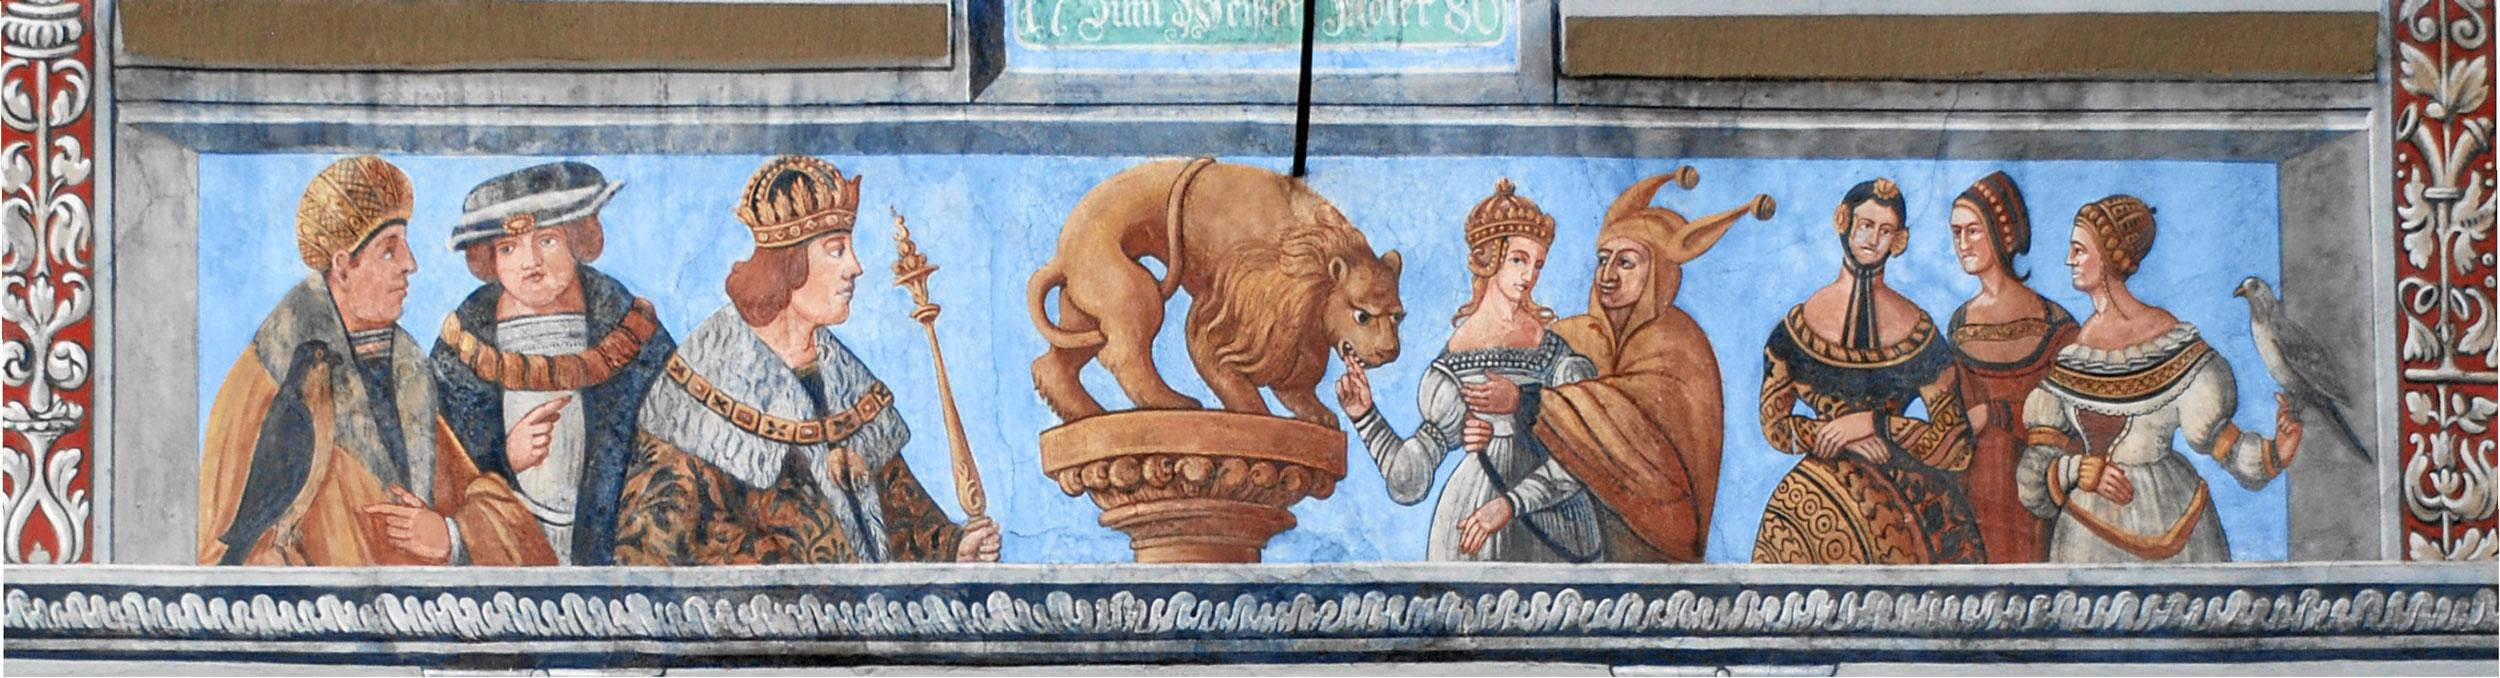 Figurenfries mit dem in der Frührenaissance beliebten Bocca-della-Verità-Motiv am Haus Zum Weissen Adler in Stein am Rhein. Um 1518.